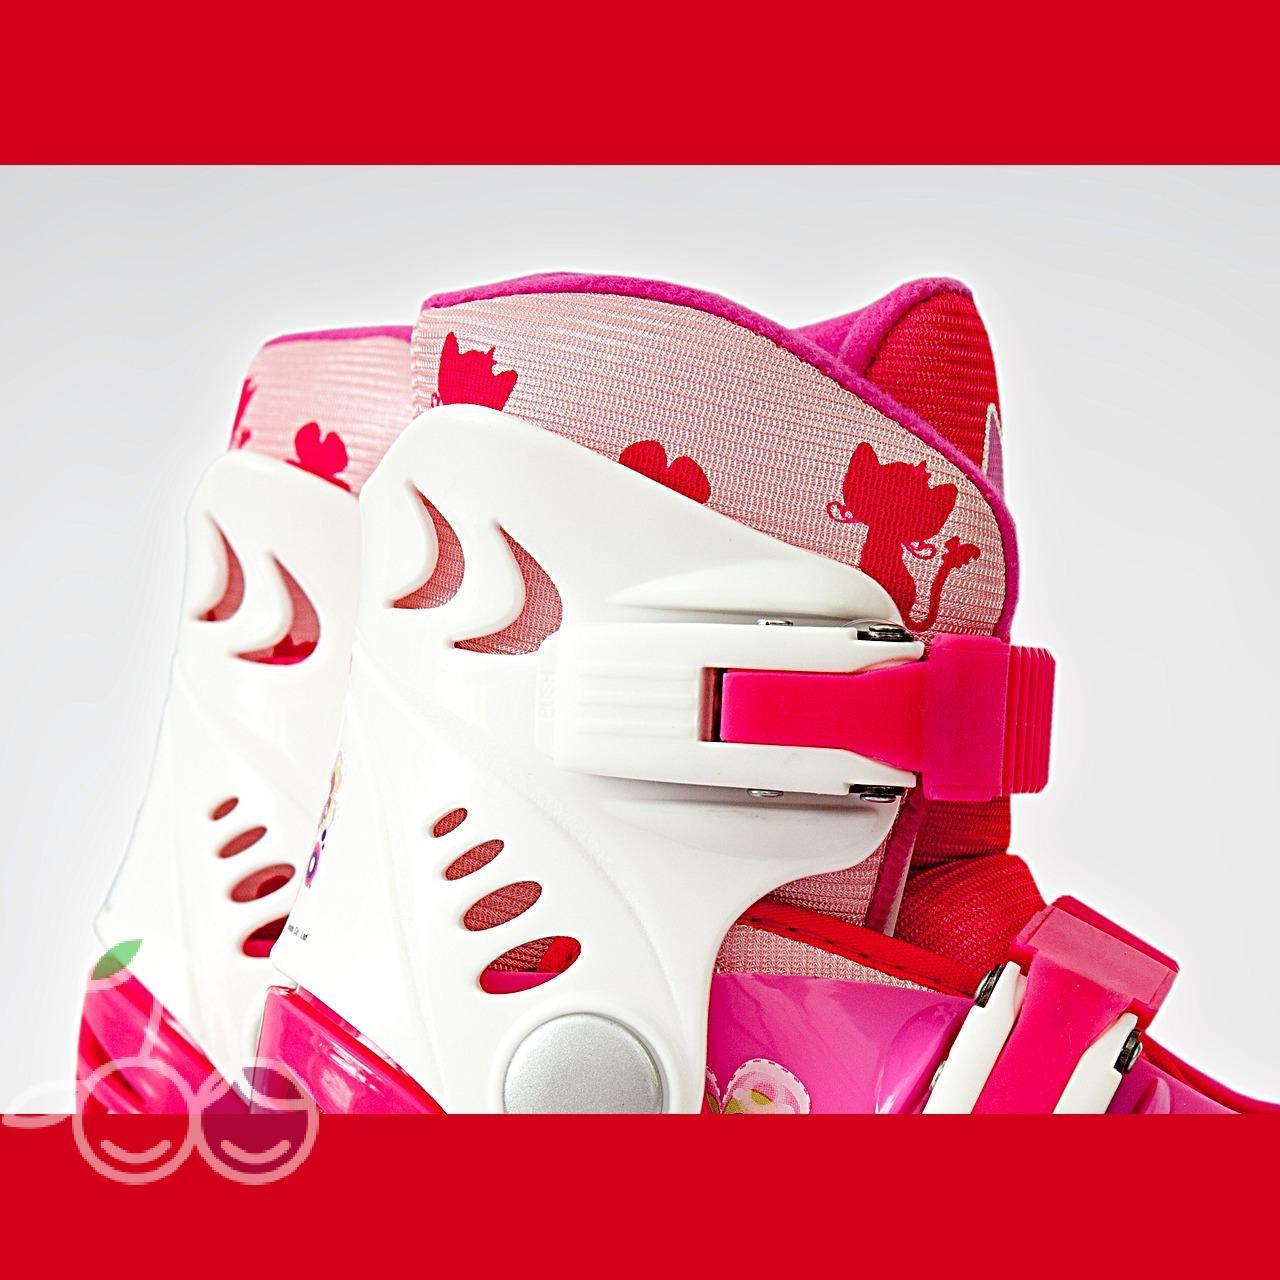 Роликовые коньки детские 27 размер, для обучения (трансформеры, раздвижной ботинок) MagicWheels розовые, - фото 5